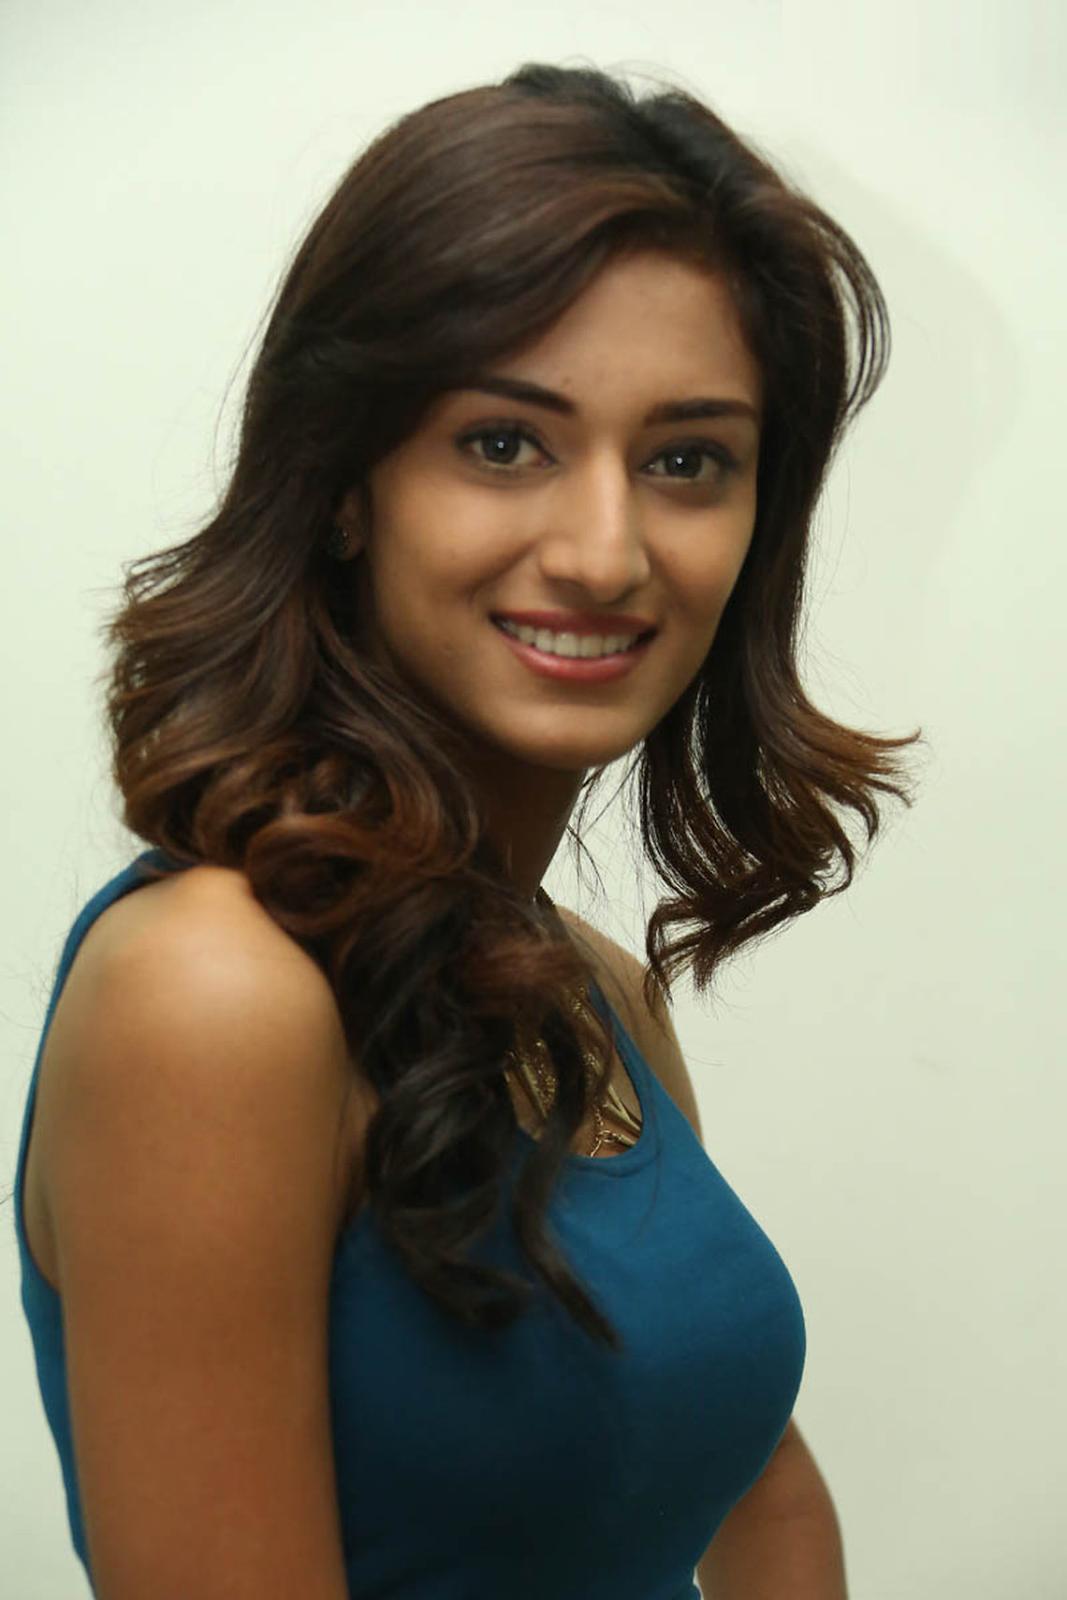 Best Popular Celebrities: Most Popular Celebrities Pooja